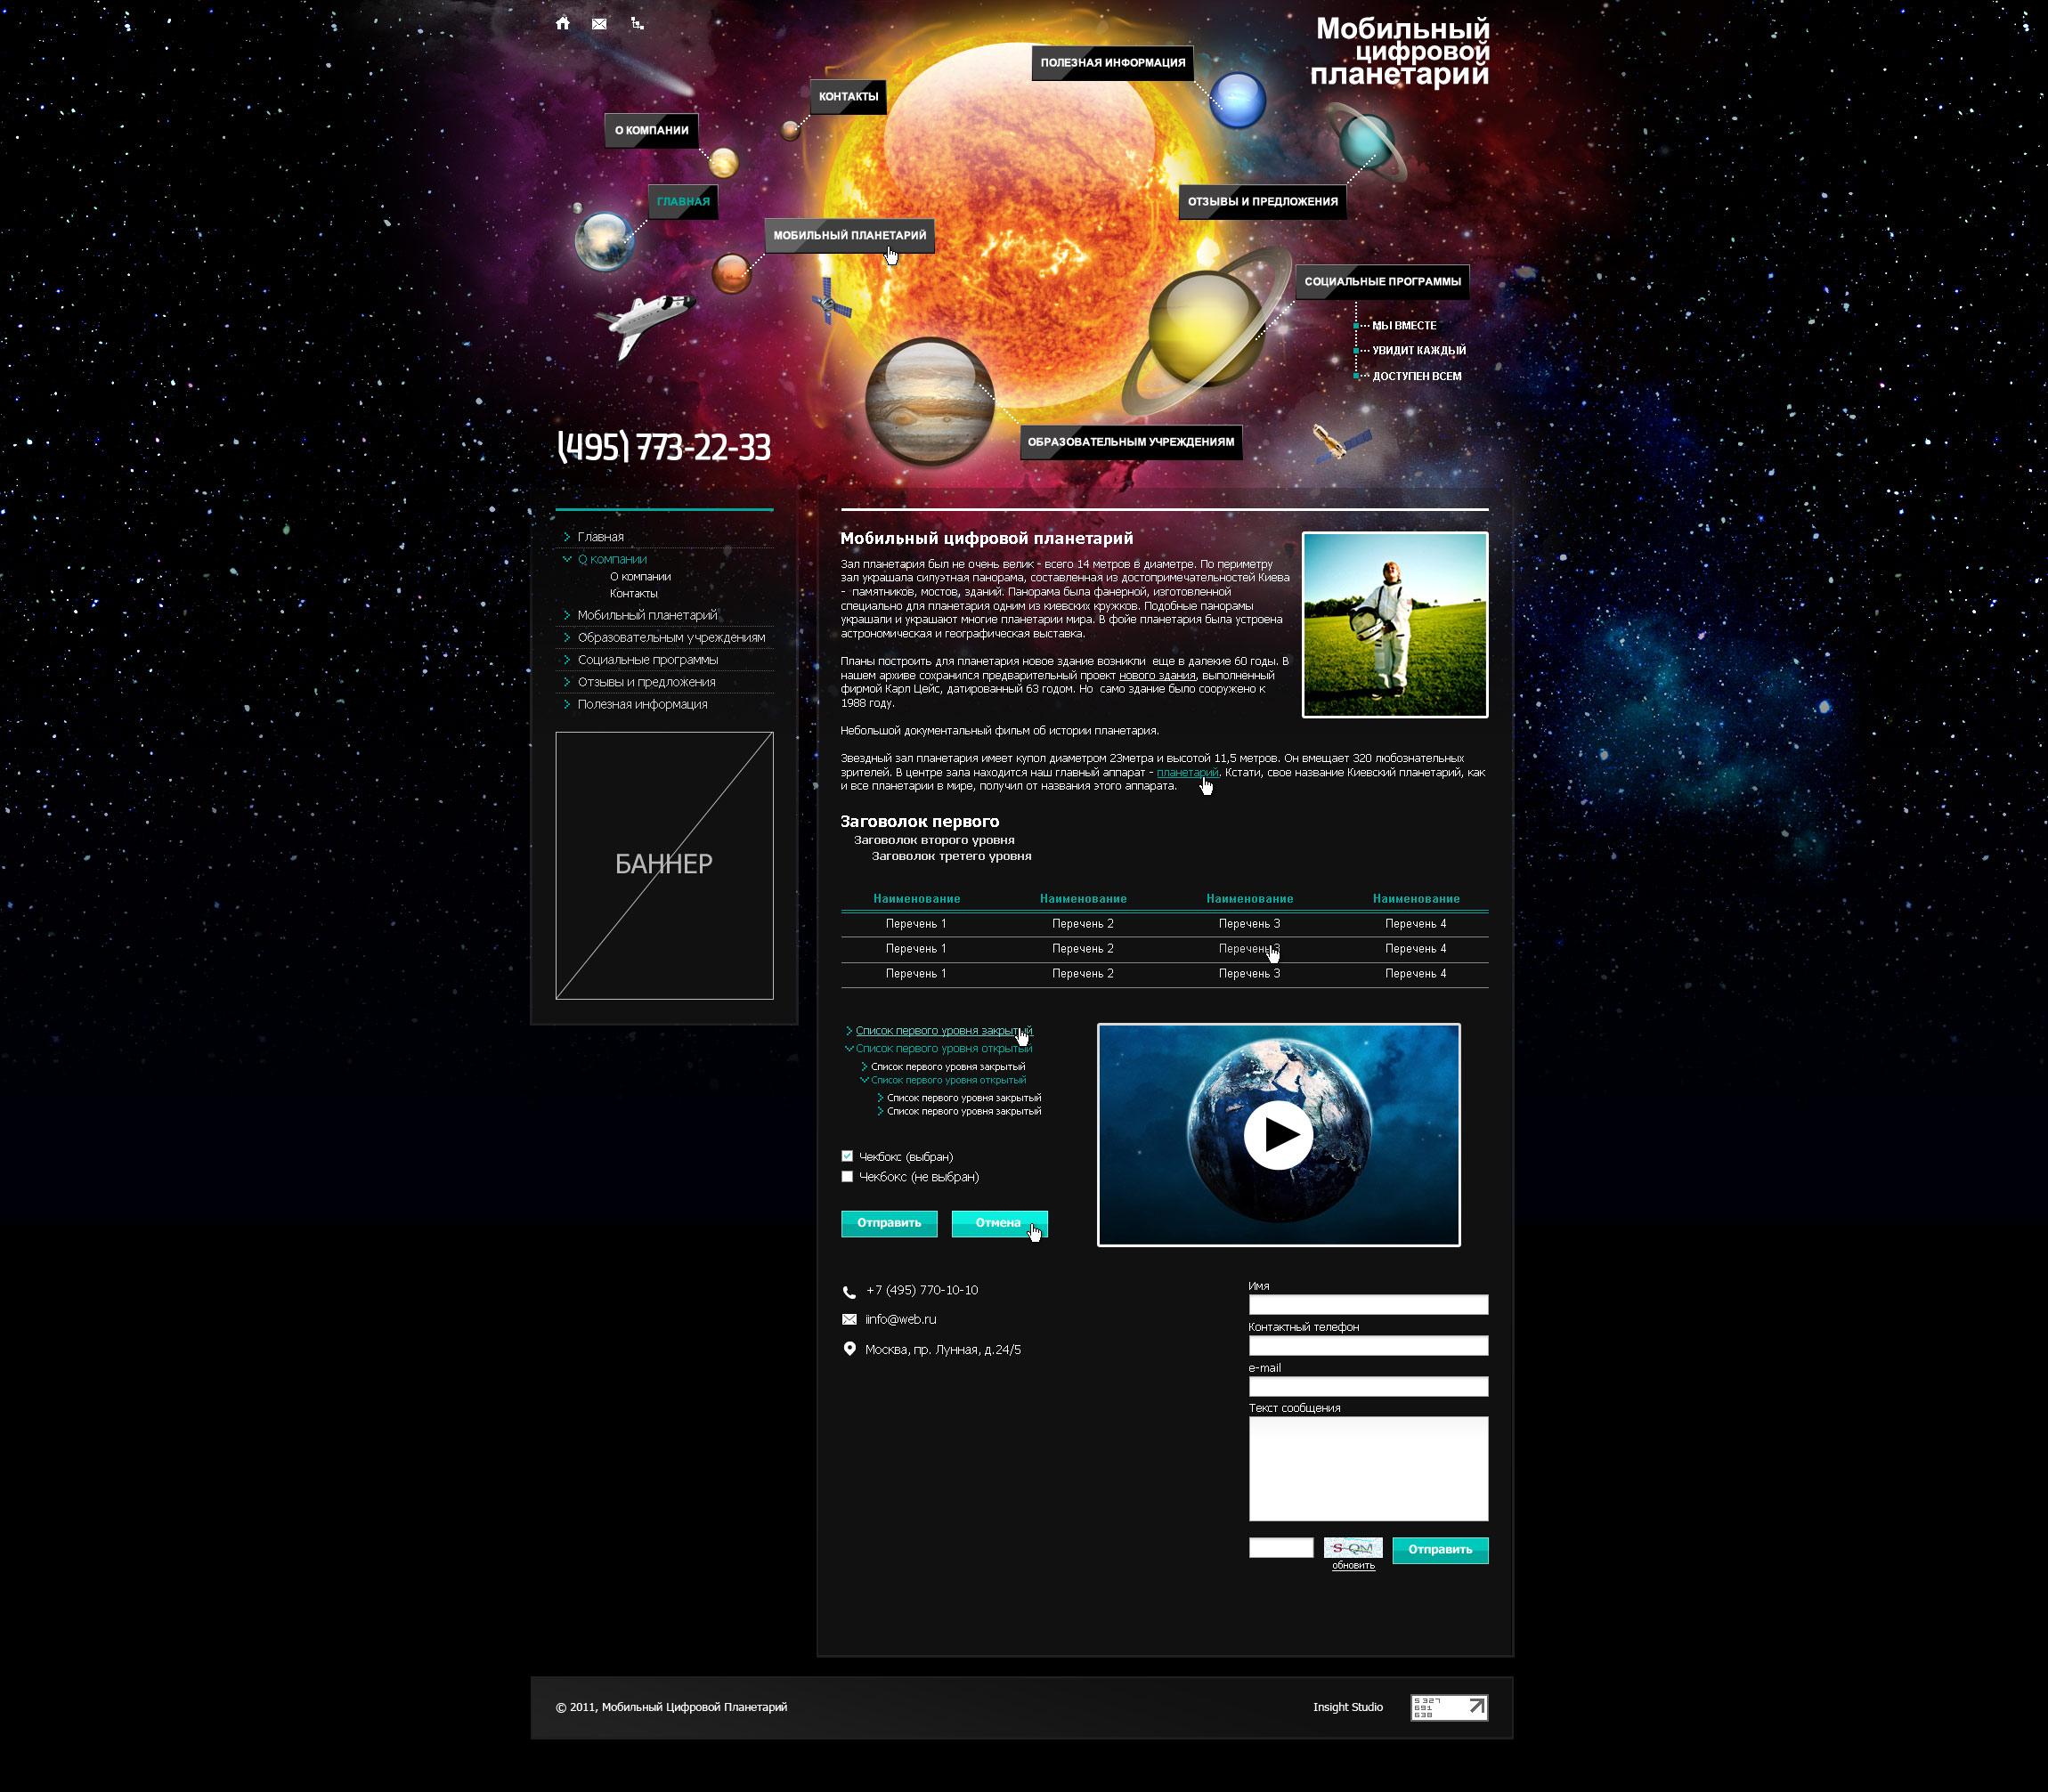 Мобильный цифровой планетарий